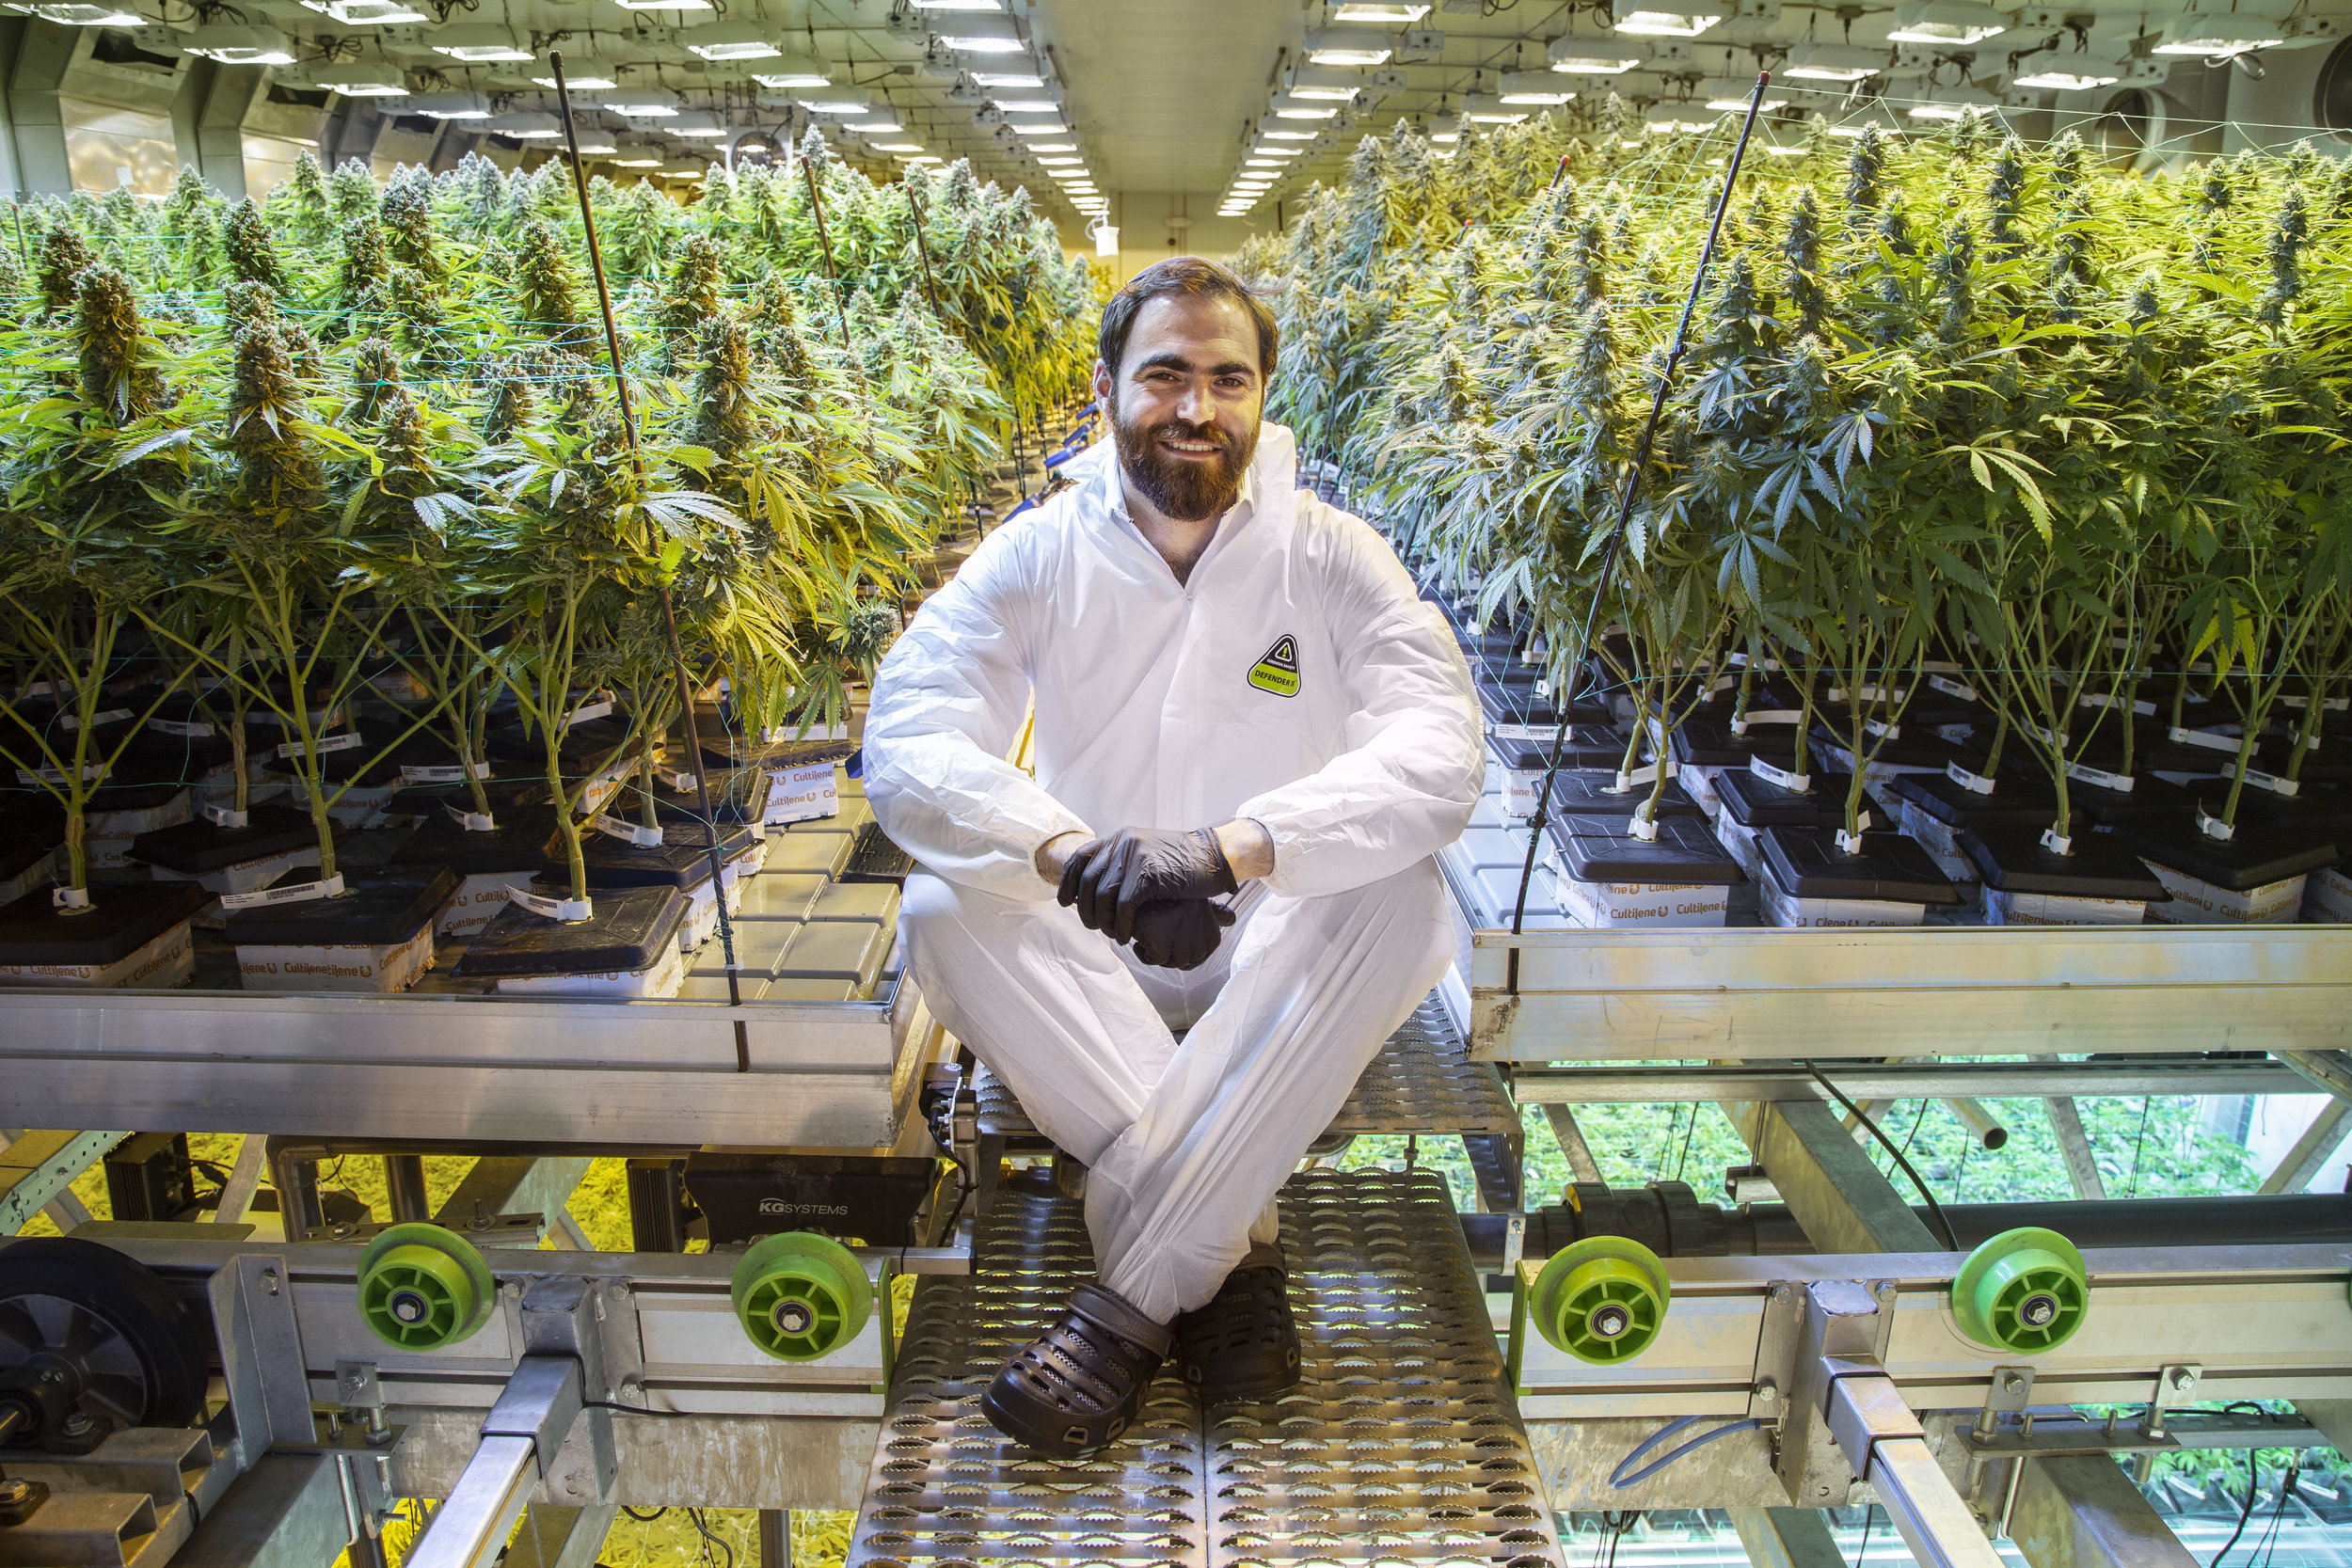 2019_07_02_Shaya_Employee_Spotlight_Cultivation_Harmony_Dispensary_Cannabis_Marijuana_01.jpg